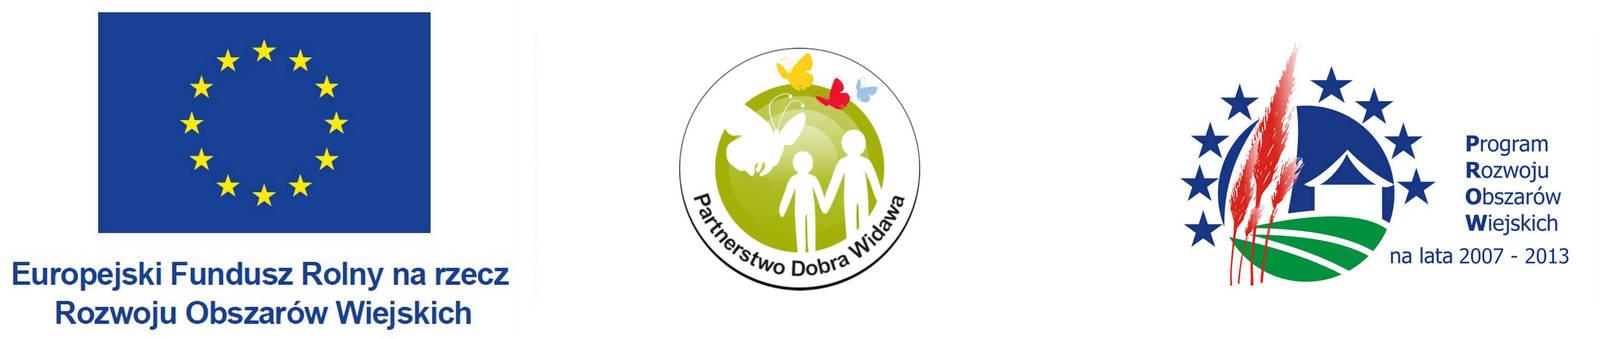 Baner zawierający logo Programu Rozwoju Obszarów Wiejskich, logo stowarzyszenia Lokalna Grupa Działania Dobra Widawa oraz symbol Unii europejskiej z dopiskiem Europejski Fundusz Rolny na rzecz Rozwoju Obszarów Wiejskich